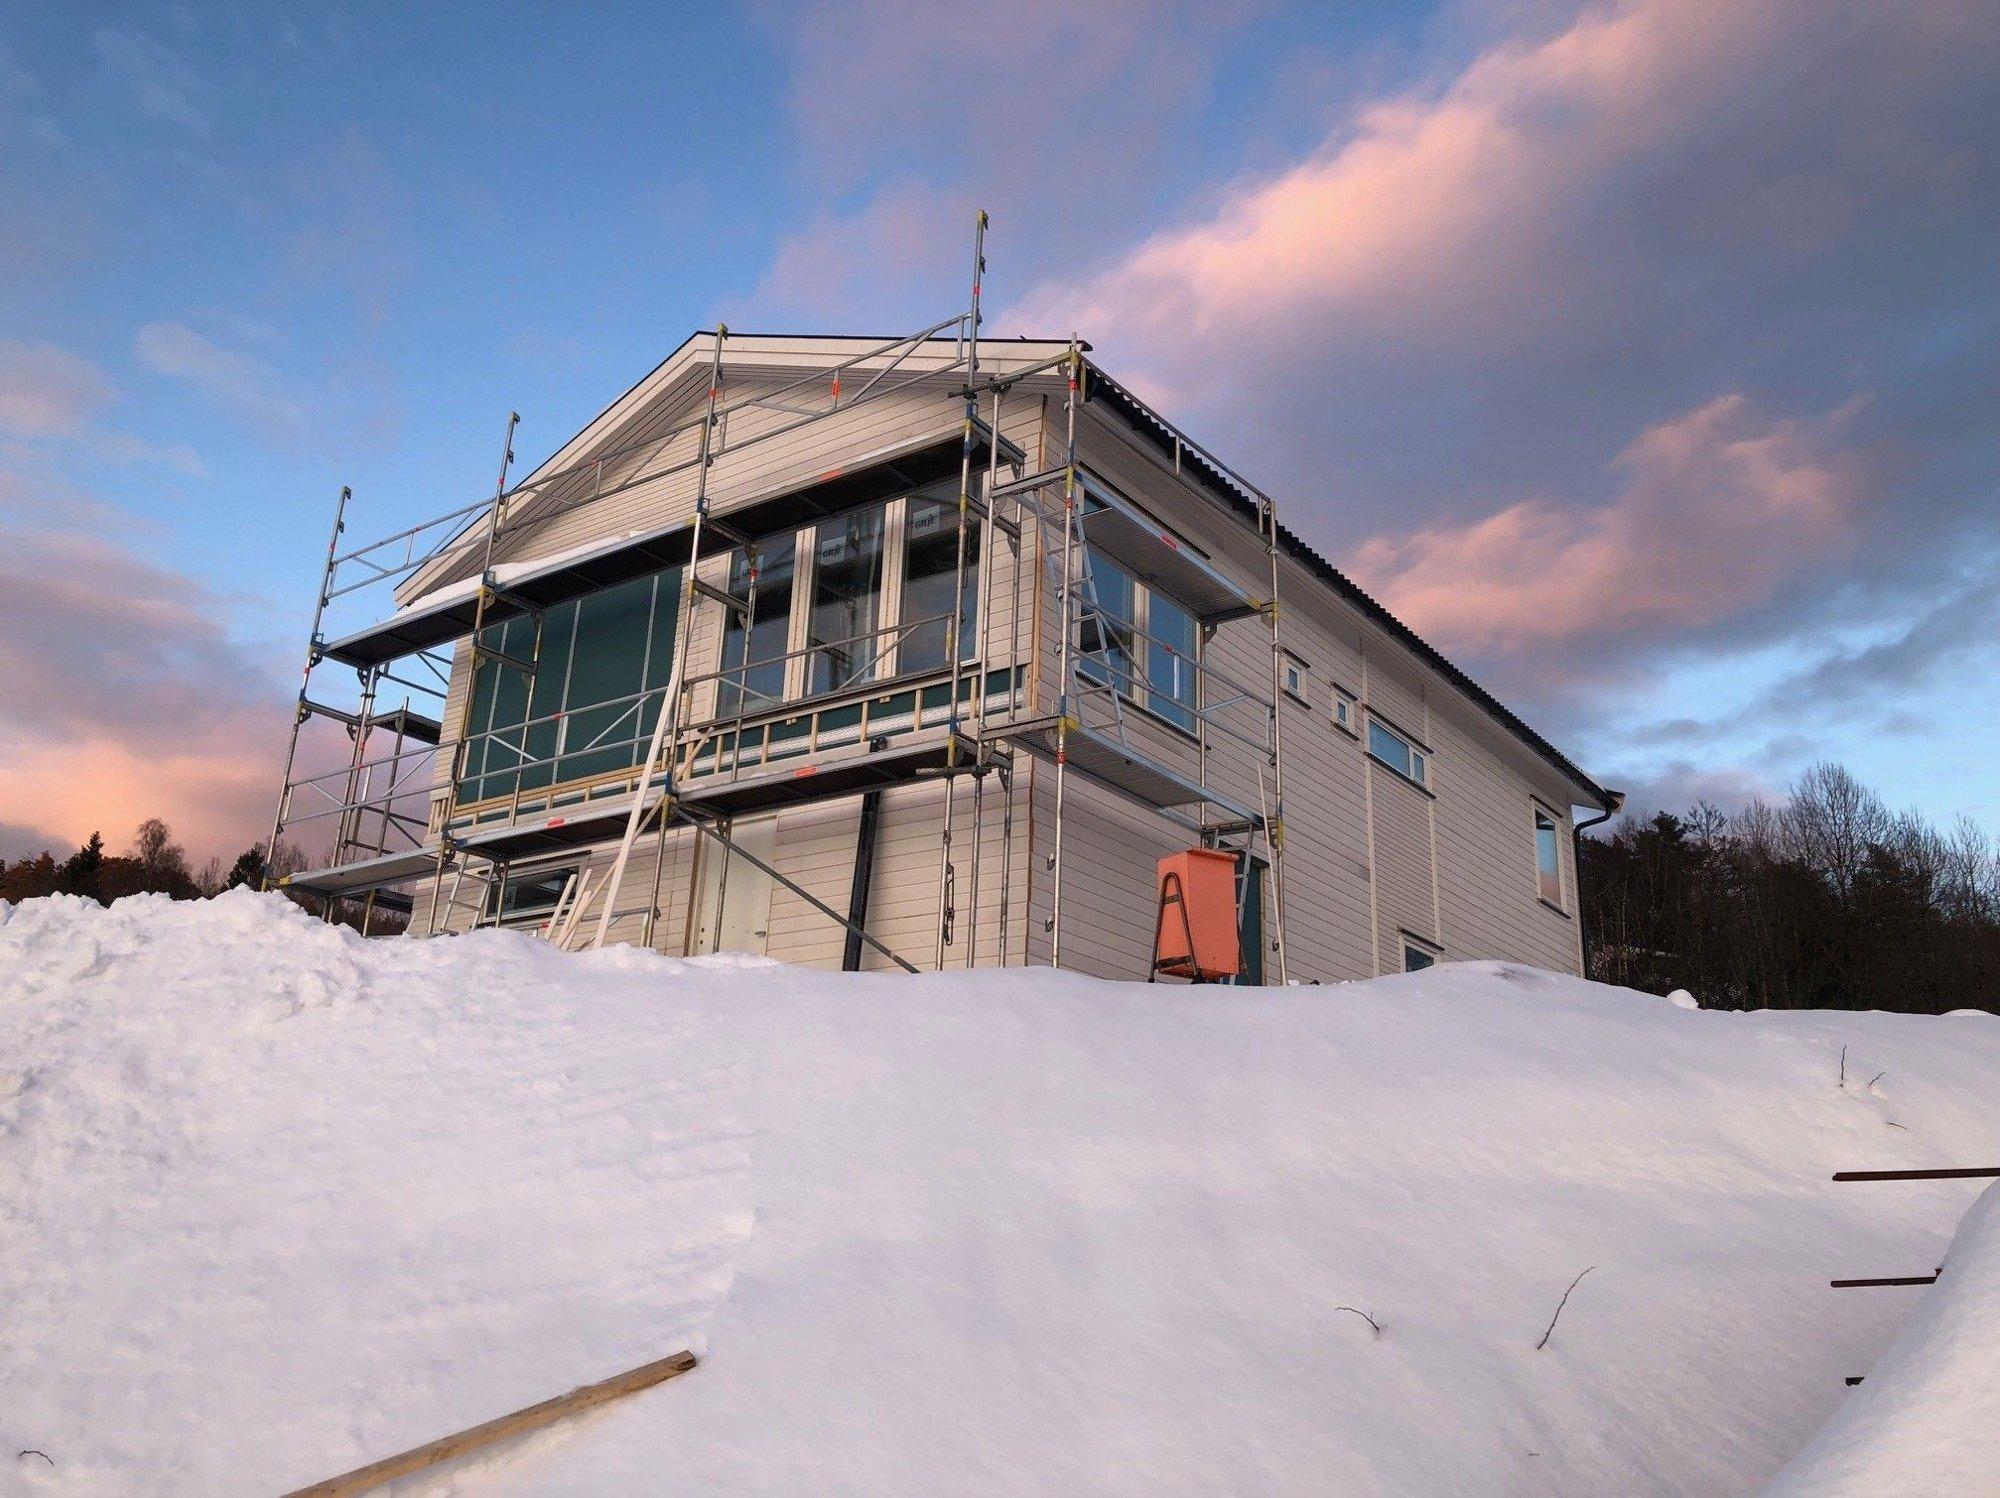 7332c9ac Bolig , Konkurs | Byggfirma gikk konkurs - 11 boligkjøpere på «bar ...